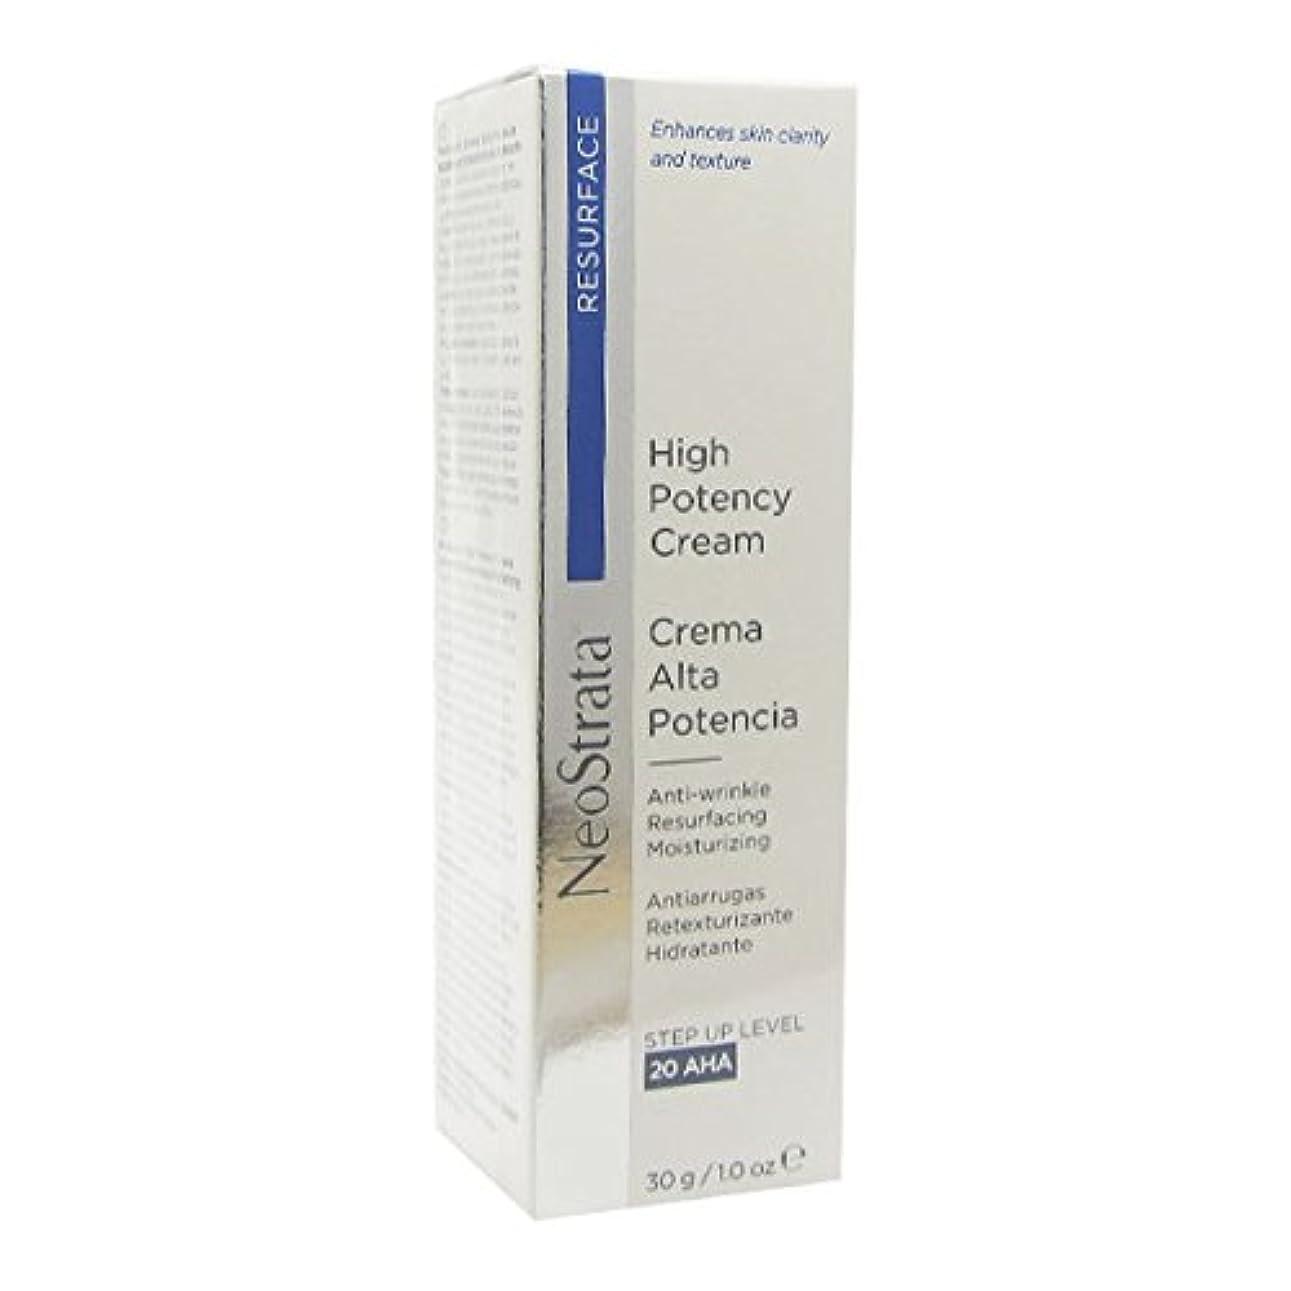 契約モデレータエレベーターNeostrata High Potency Cream Anti-wrinkle Resurfacing Moisturizing 30g [並行輸入品]